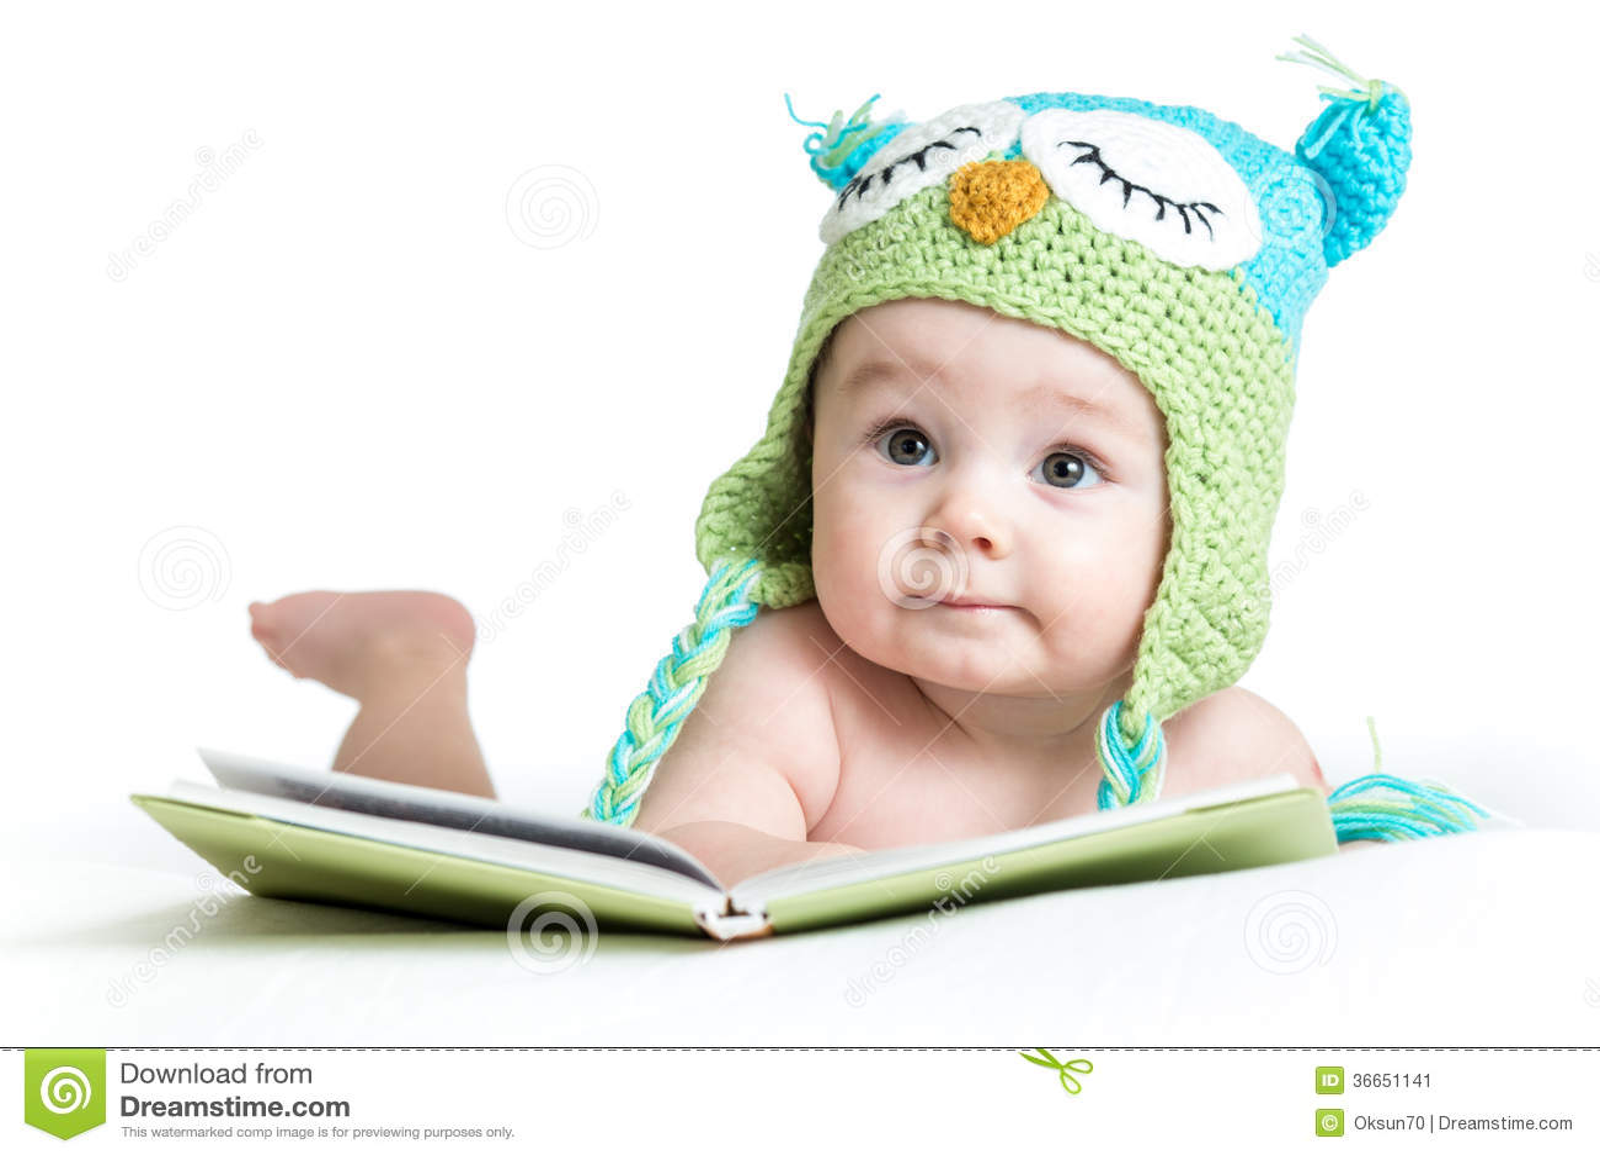 滑稽的被编织的帽子猫头鹰的婴孩与书